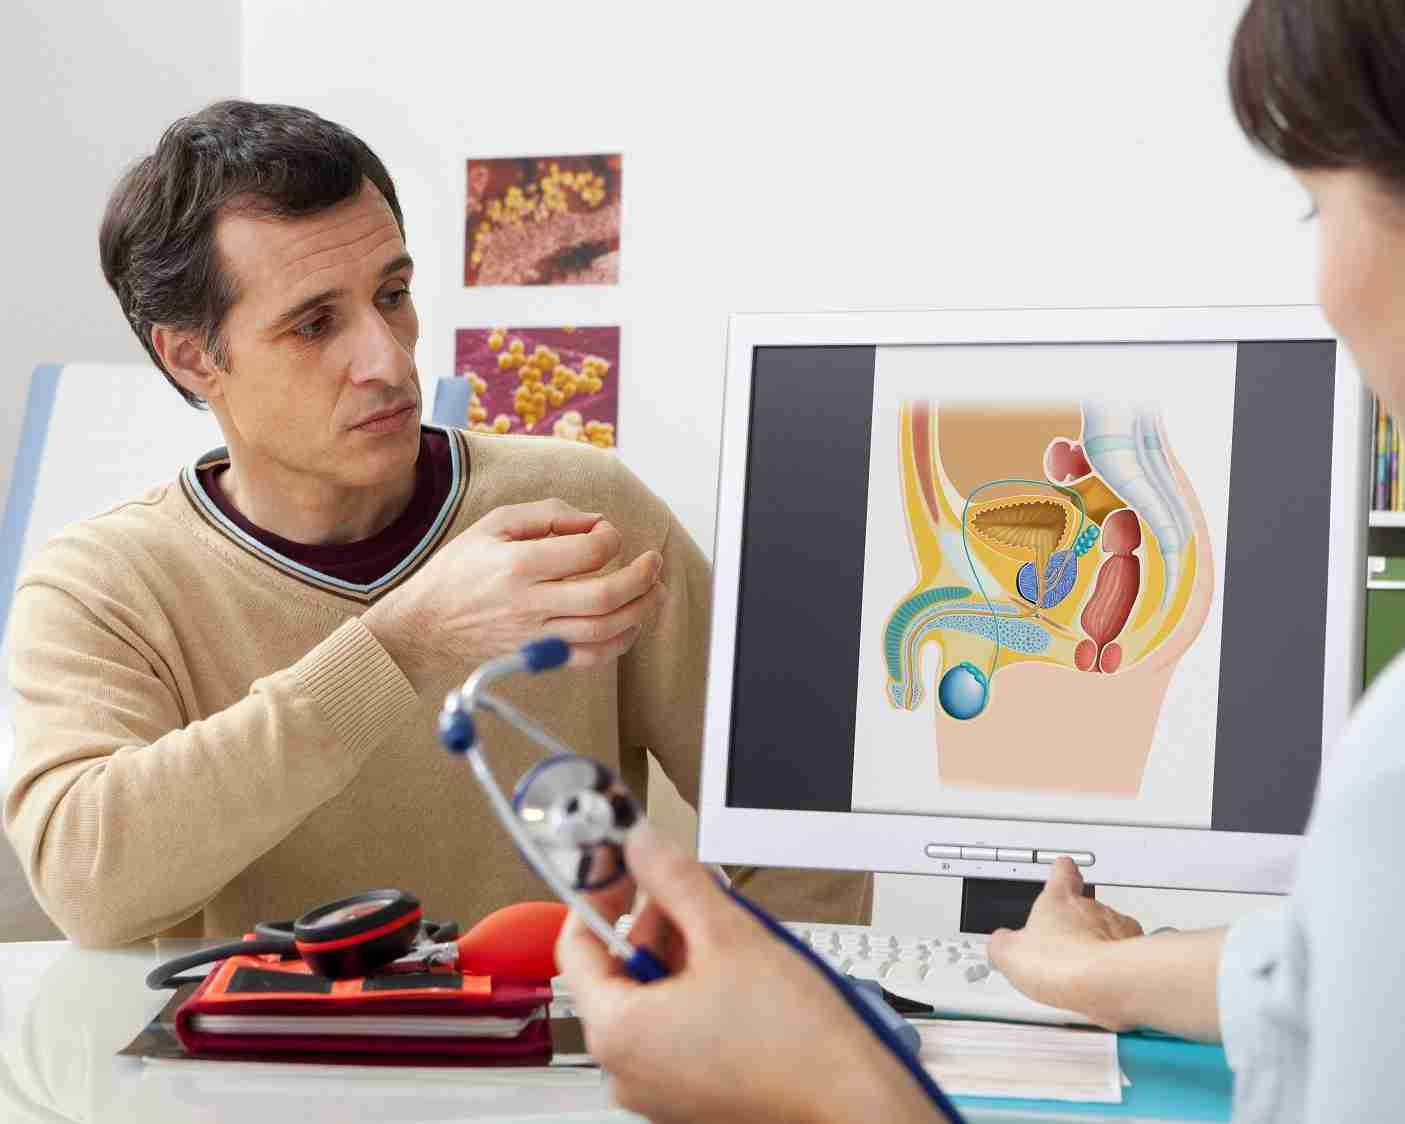 лечение эректильной дисфункции у мужчин в израиле